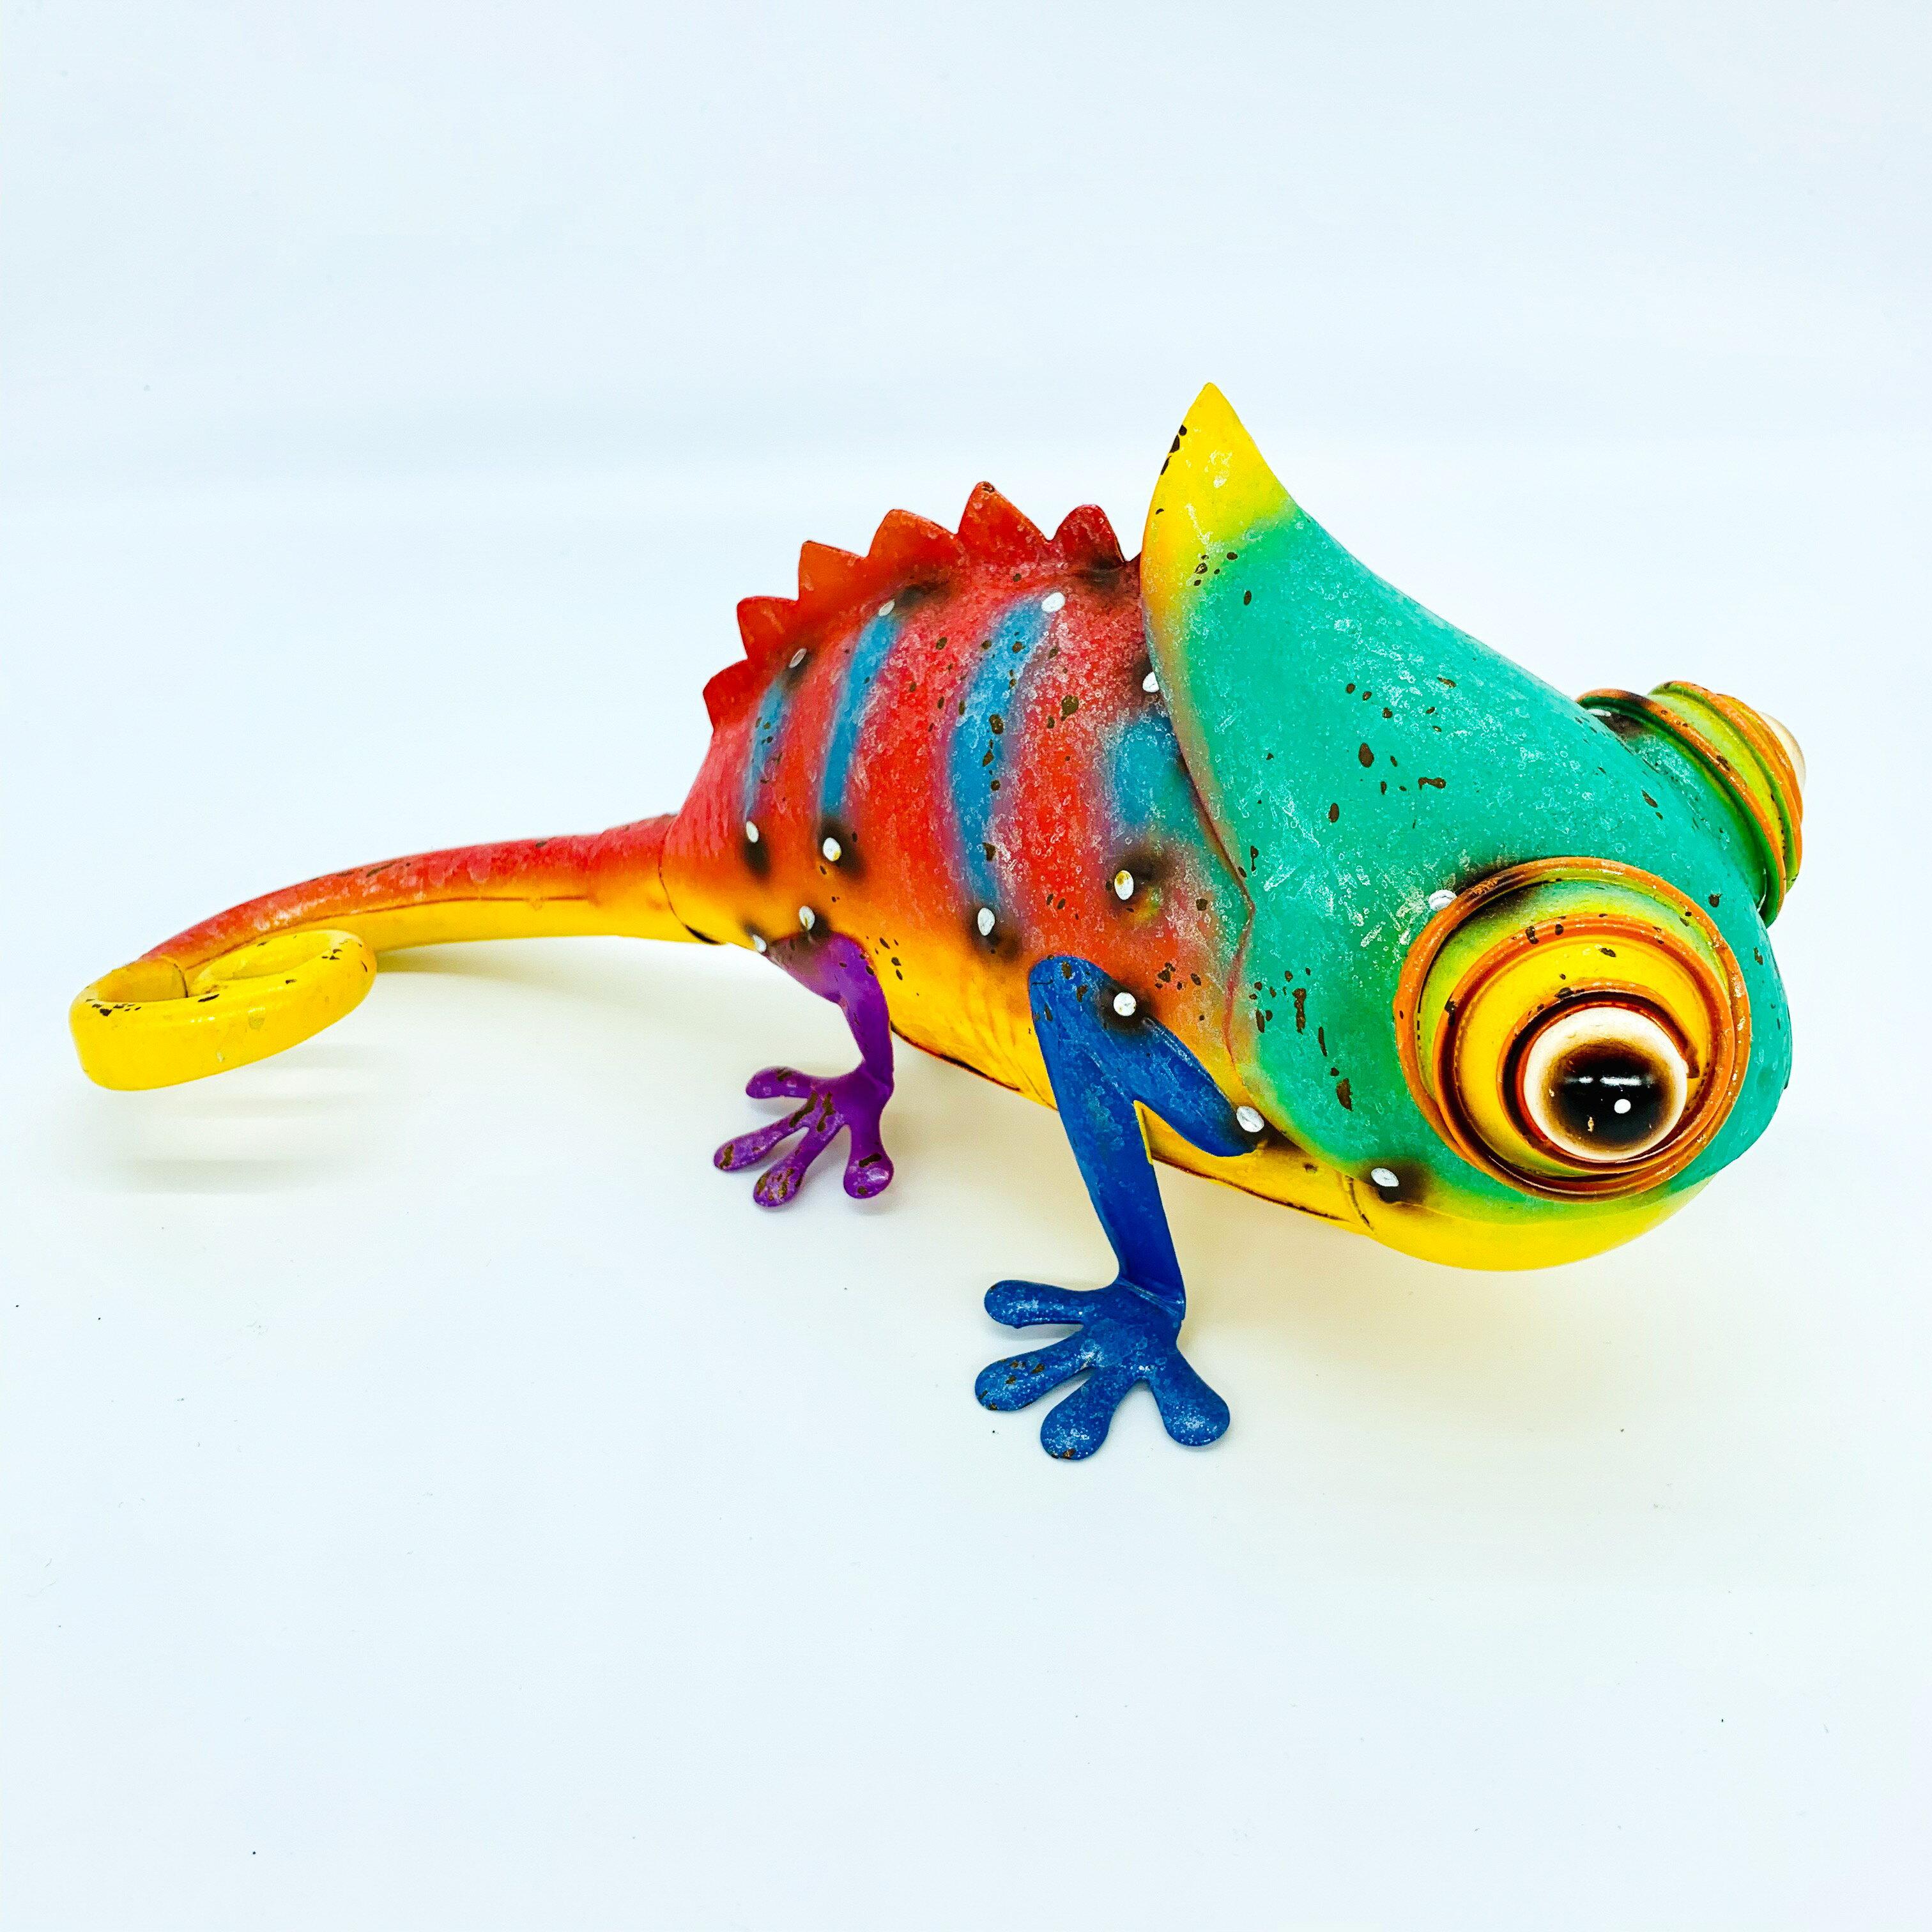 日本高山 絕版品限量供應 動物擺飾 繽紛變色龍 日本直送 日本設計 生鐵手作可愛多采風格擺飾 不會再有 把握機會 1